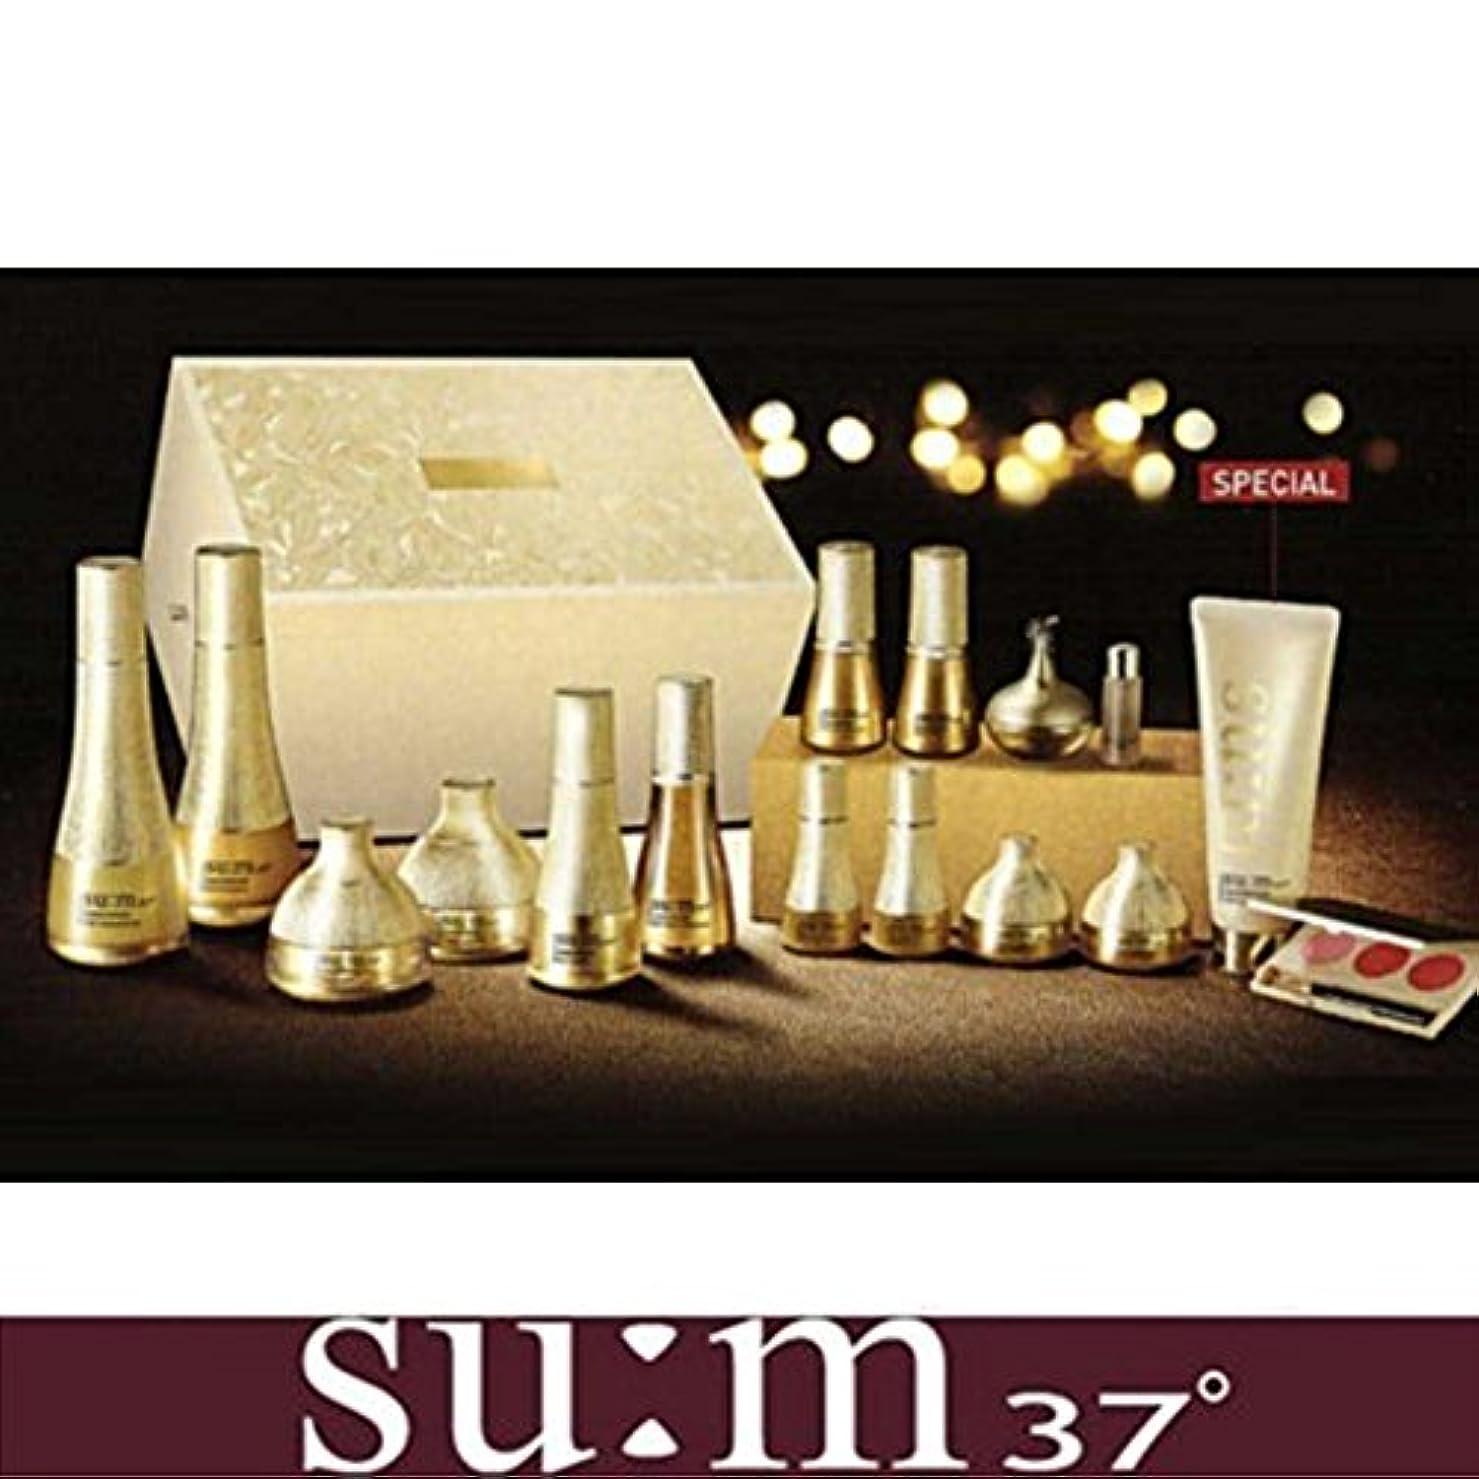 マトンアブセイモード[su:m37/スム37°]LosecSumma Premium Special Limited Skincare Set/プレミアムスペシャルリミテッドスキンケアセット + [Sample Gift](海外直送品)